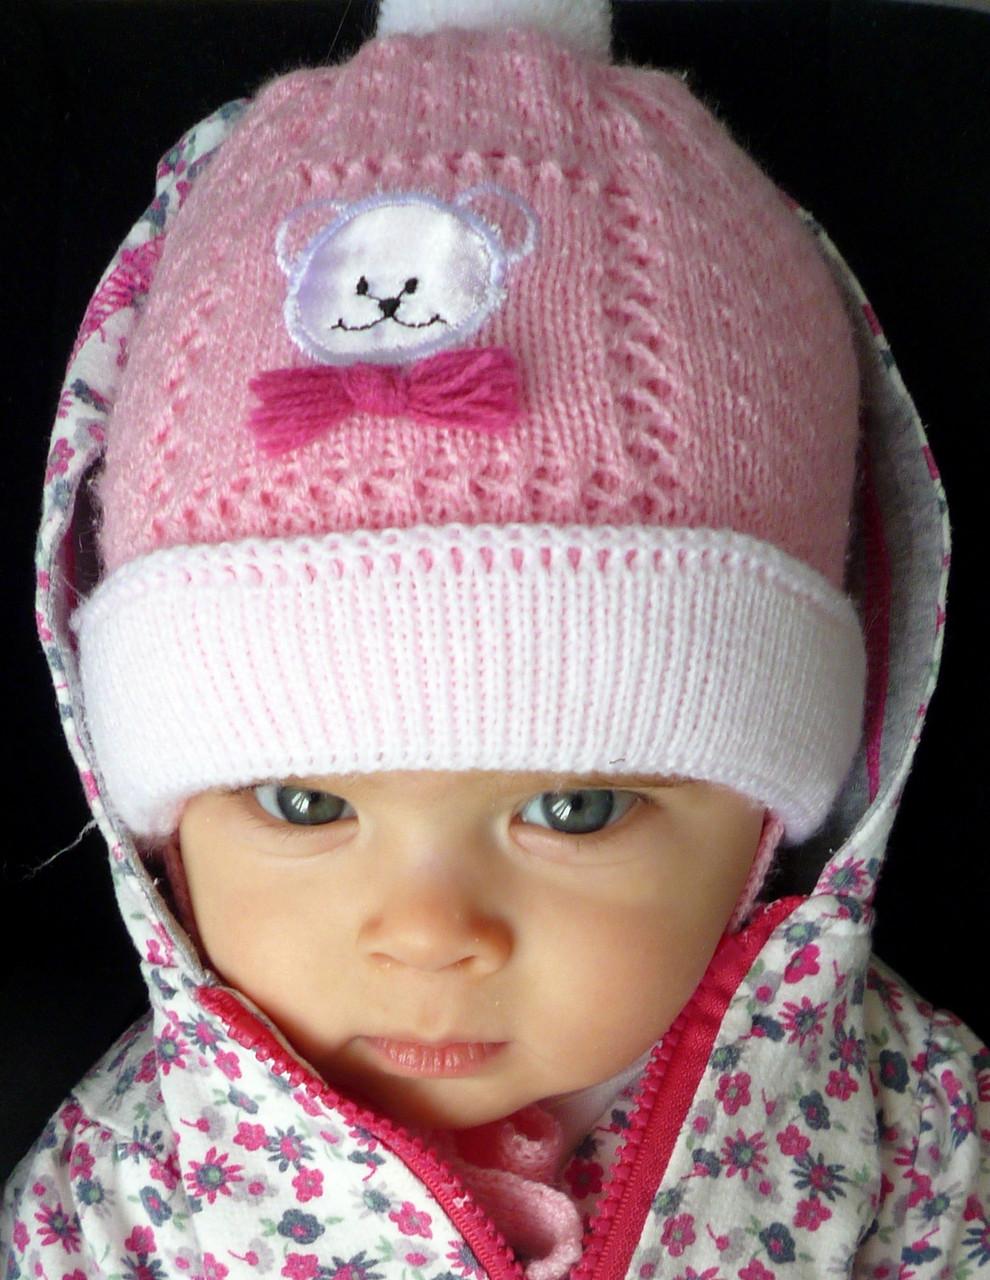 021 Мишка, двойная детская шапка весна/осень, р. 40-42.  розовый, белый+розовый, белый+голубой, голубой